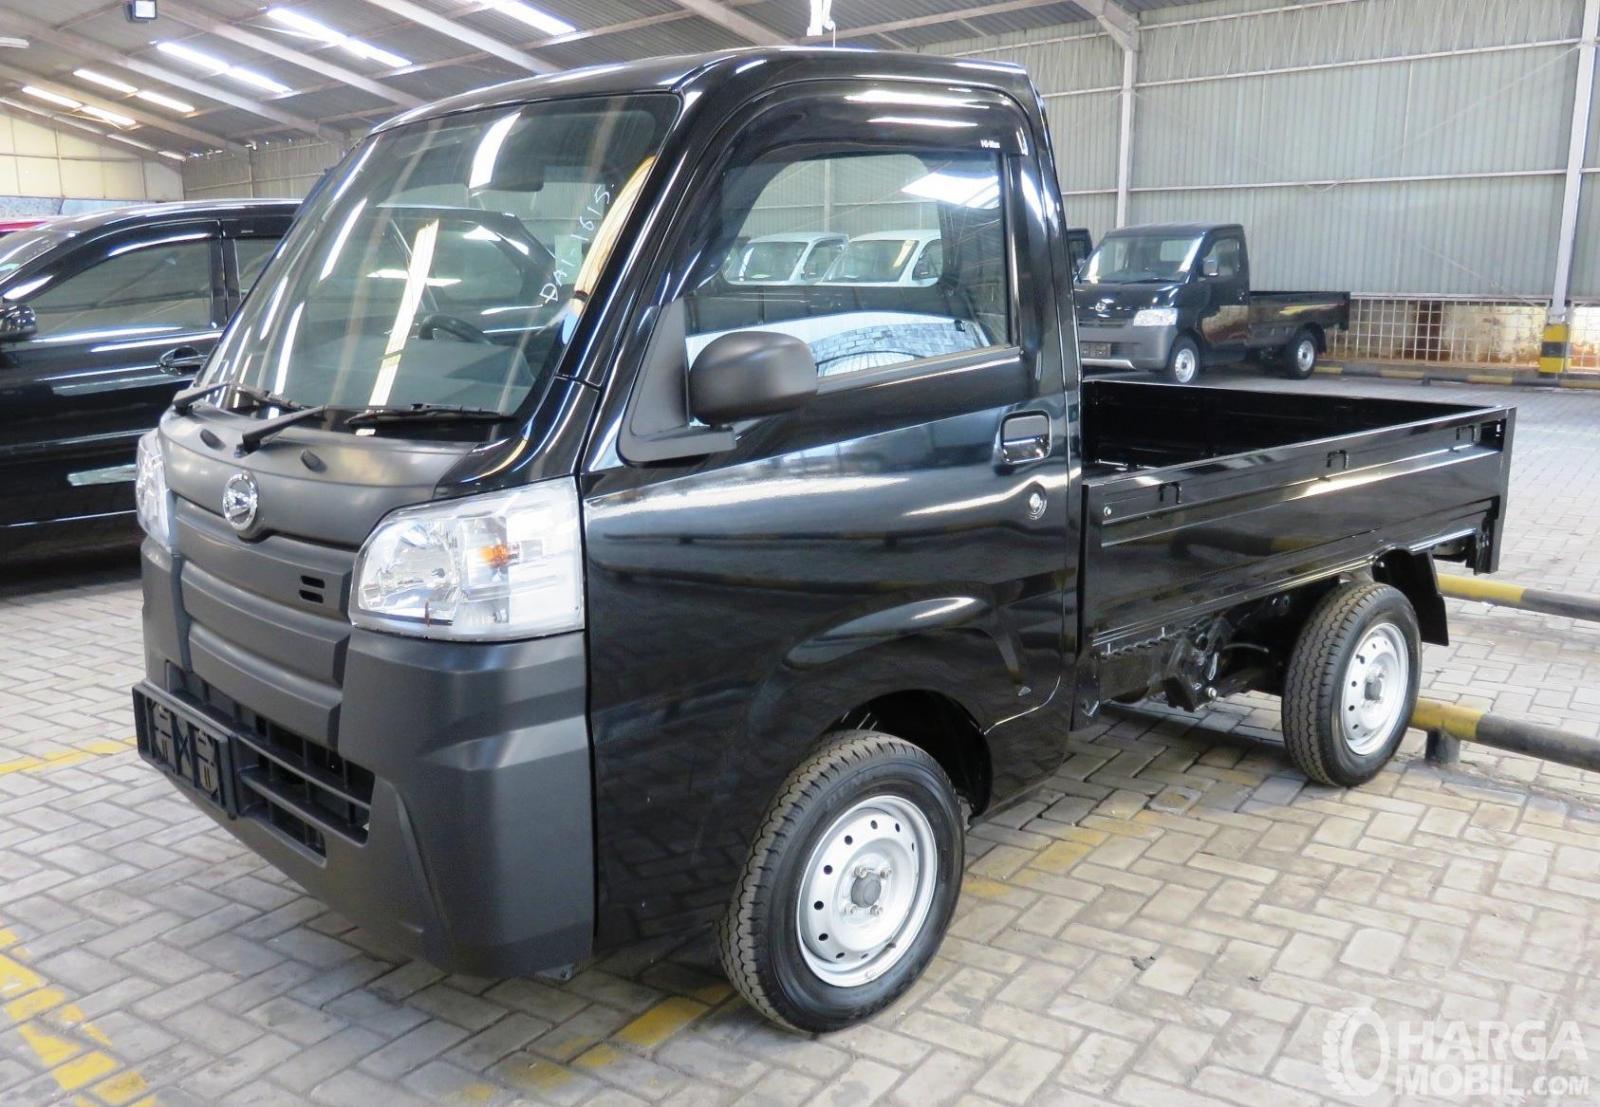 Foto Daihatsu Hi-Max warna hitam tampak dari samping depan